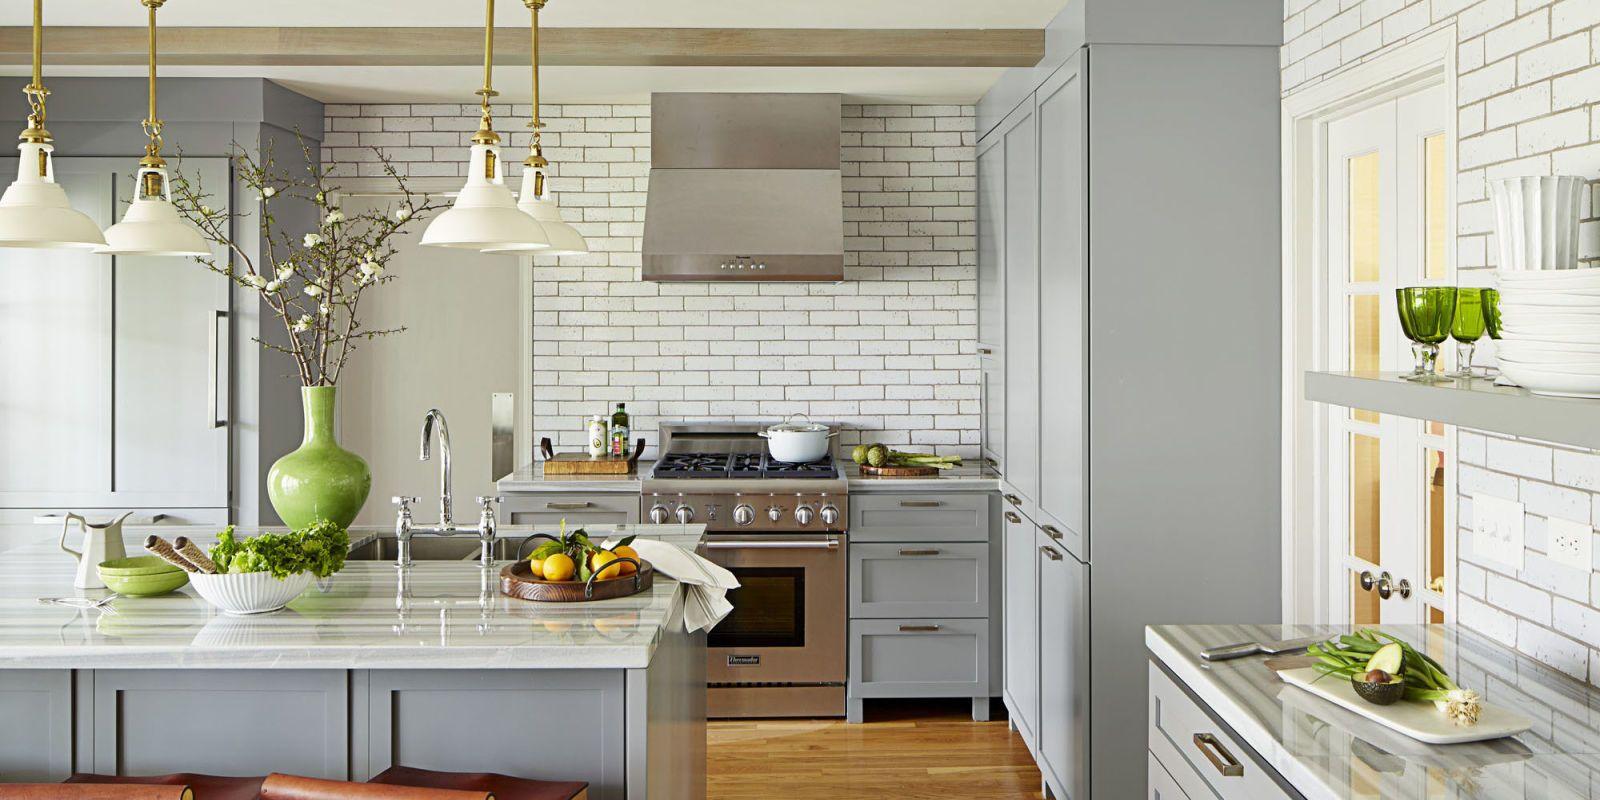 20+ Best Kitchen Countertops Design Ideas